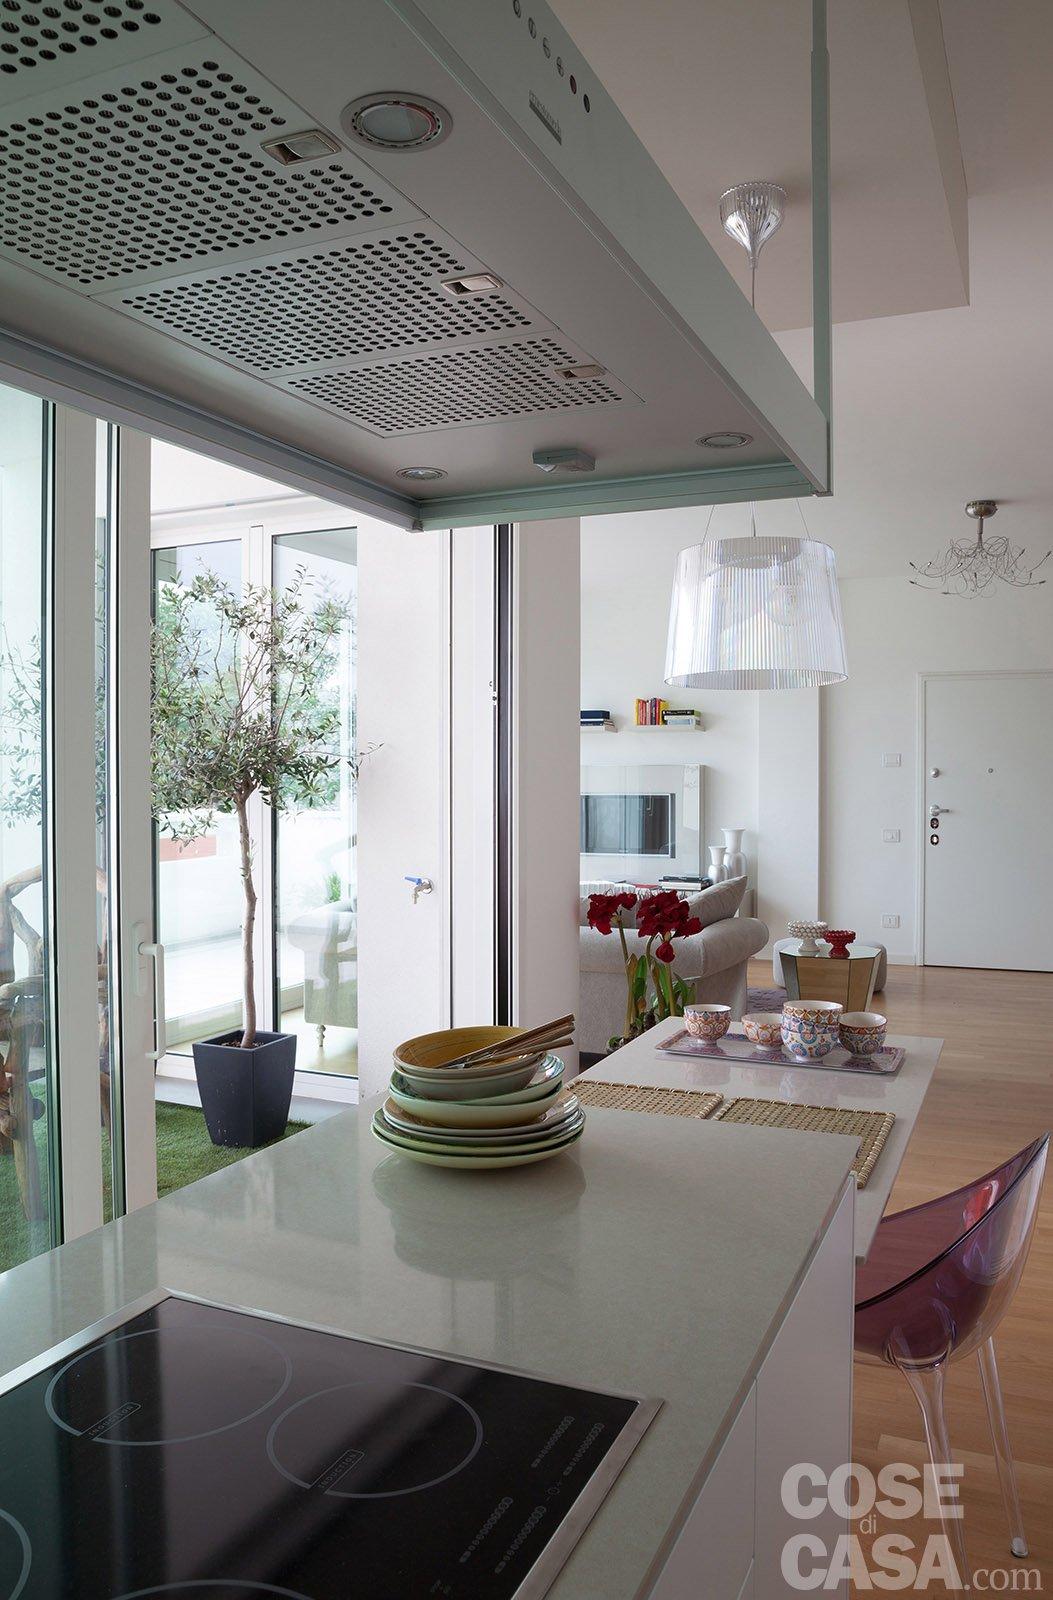 open space contemporaneo: una casa di 100 mq che sembra più grande ... - Cose Di Casa Cucine